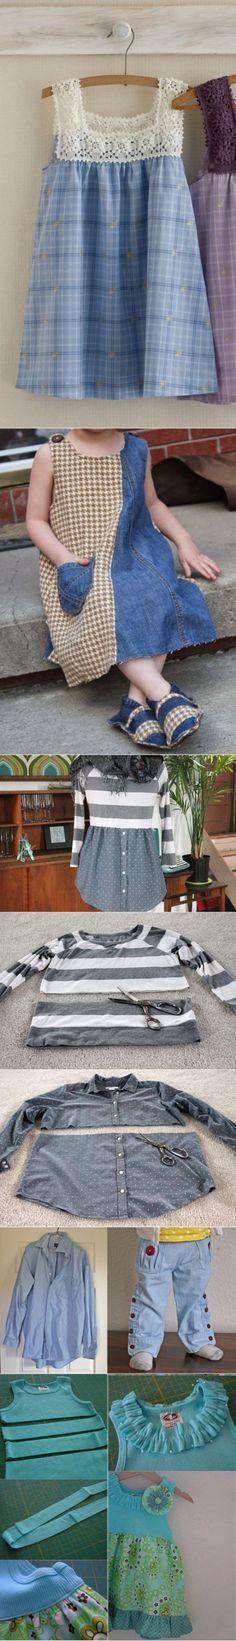 Как из старой одежды сделать стильные вещи